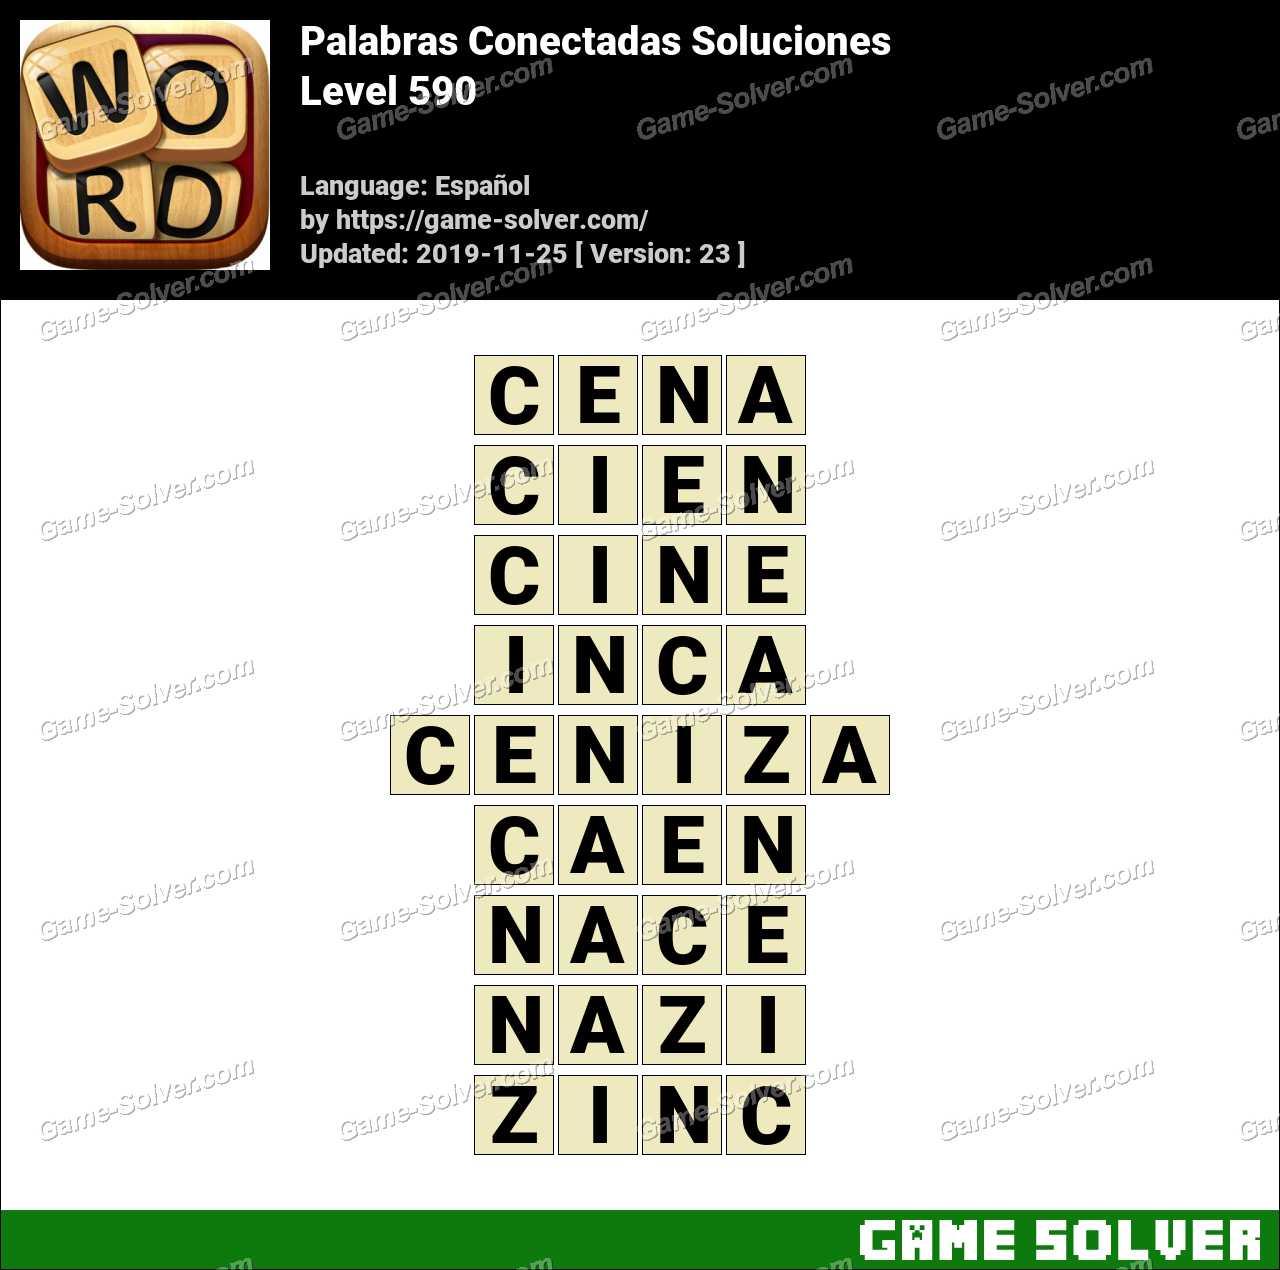 Palabras Conectadas Nivel 590 Soluciones